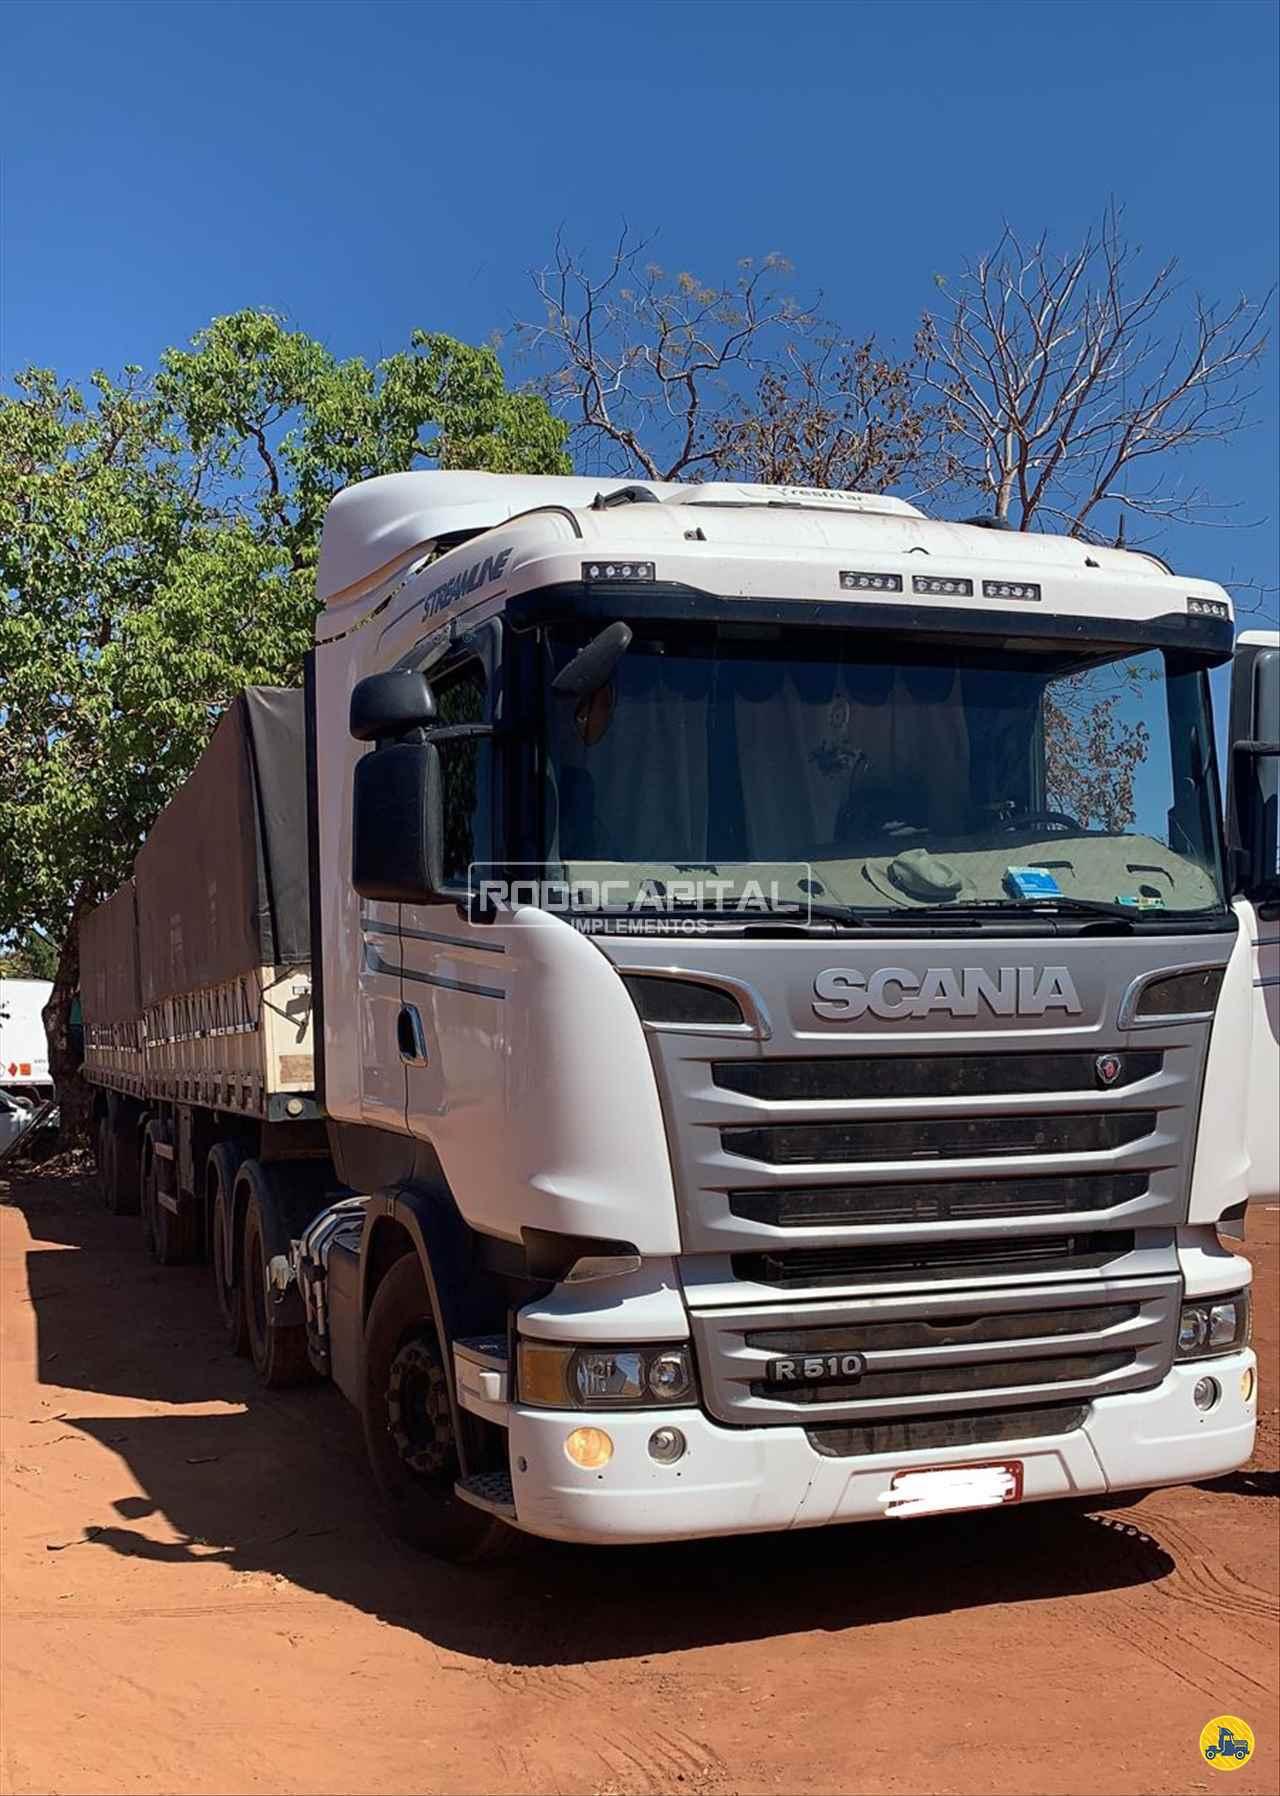 CAMINHAO SCANIA SCANIA 510 Cavalo Mecânico Traçado 6x4 RODOCAPITAL - TRUCKVAN BRASILIA DISTRITO FEDERAL DF